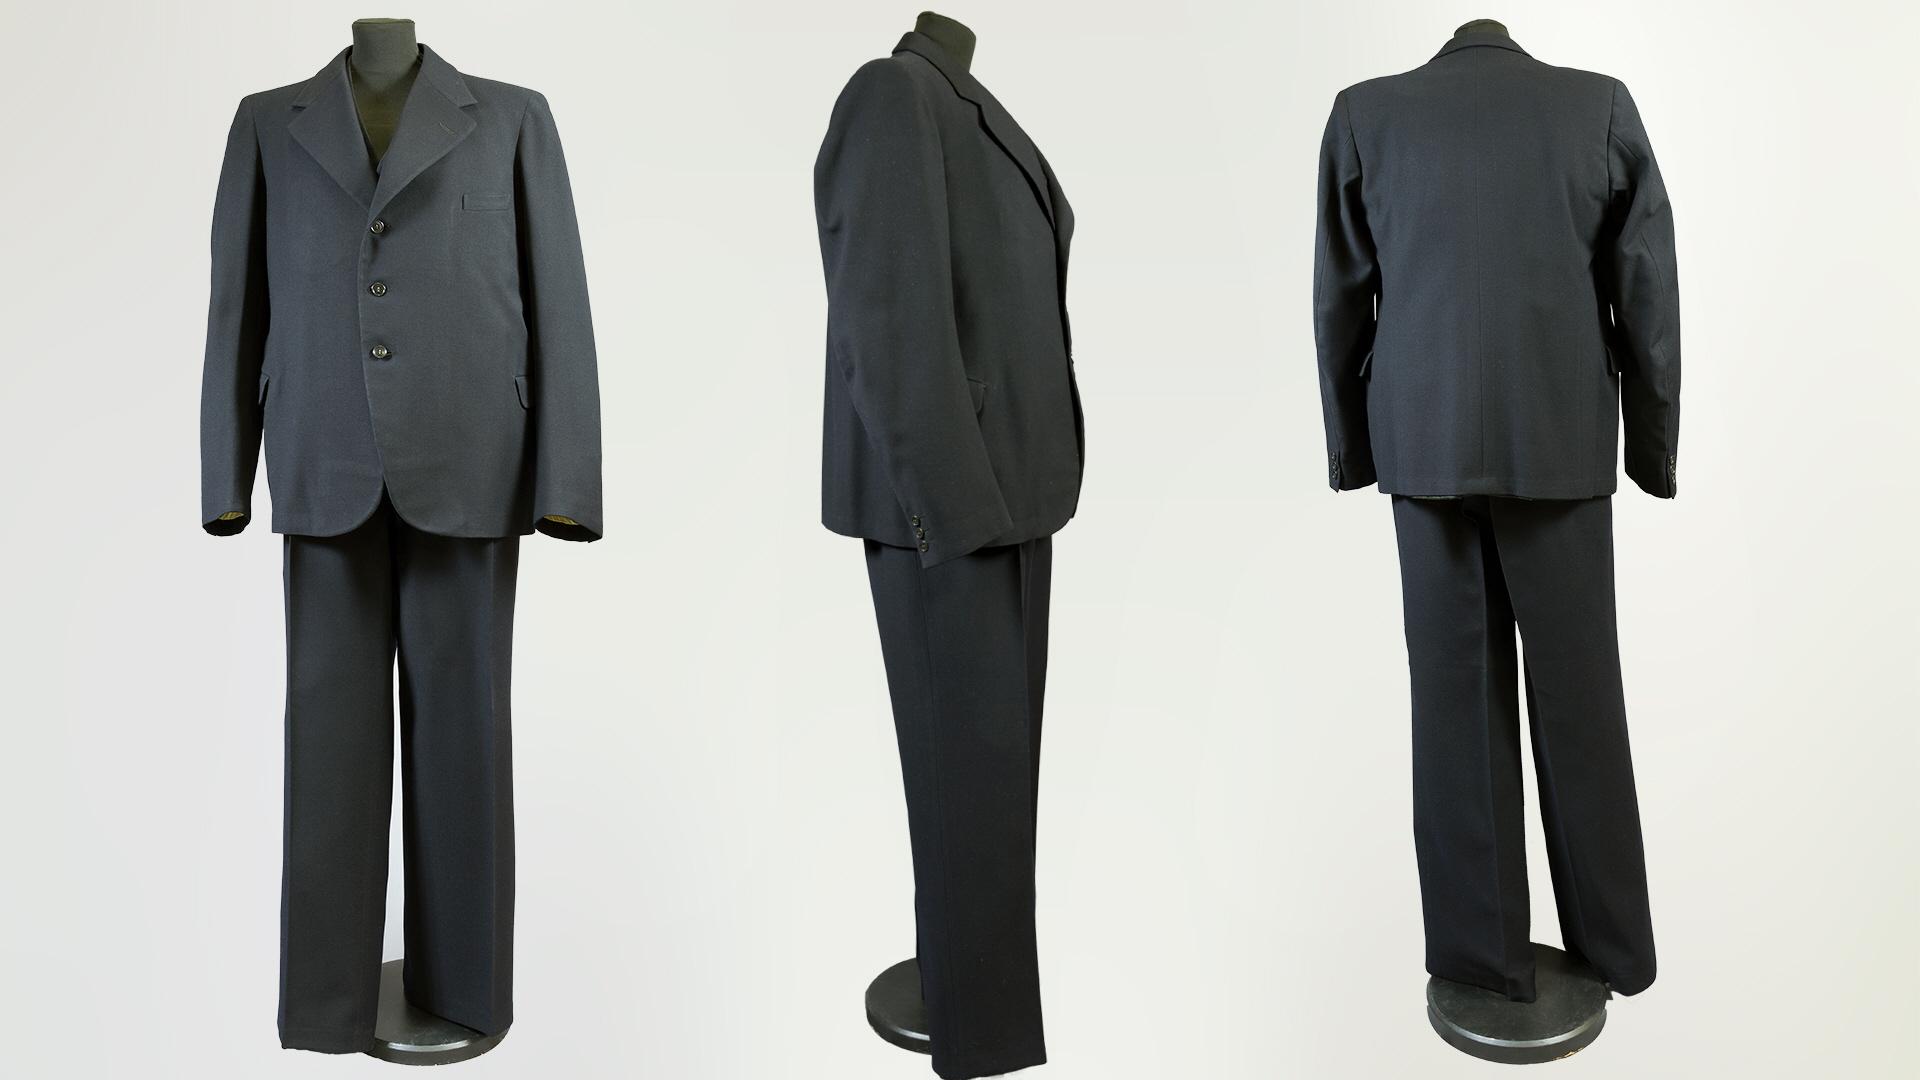 56287806f01d Tredelad kostym av marinblått ylletyg, så kallat cheviottyg, som har  tillhört Paul Larsson. Kavajen har extra vaddering från axeln ner mot  ärmhålets ...